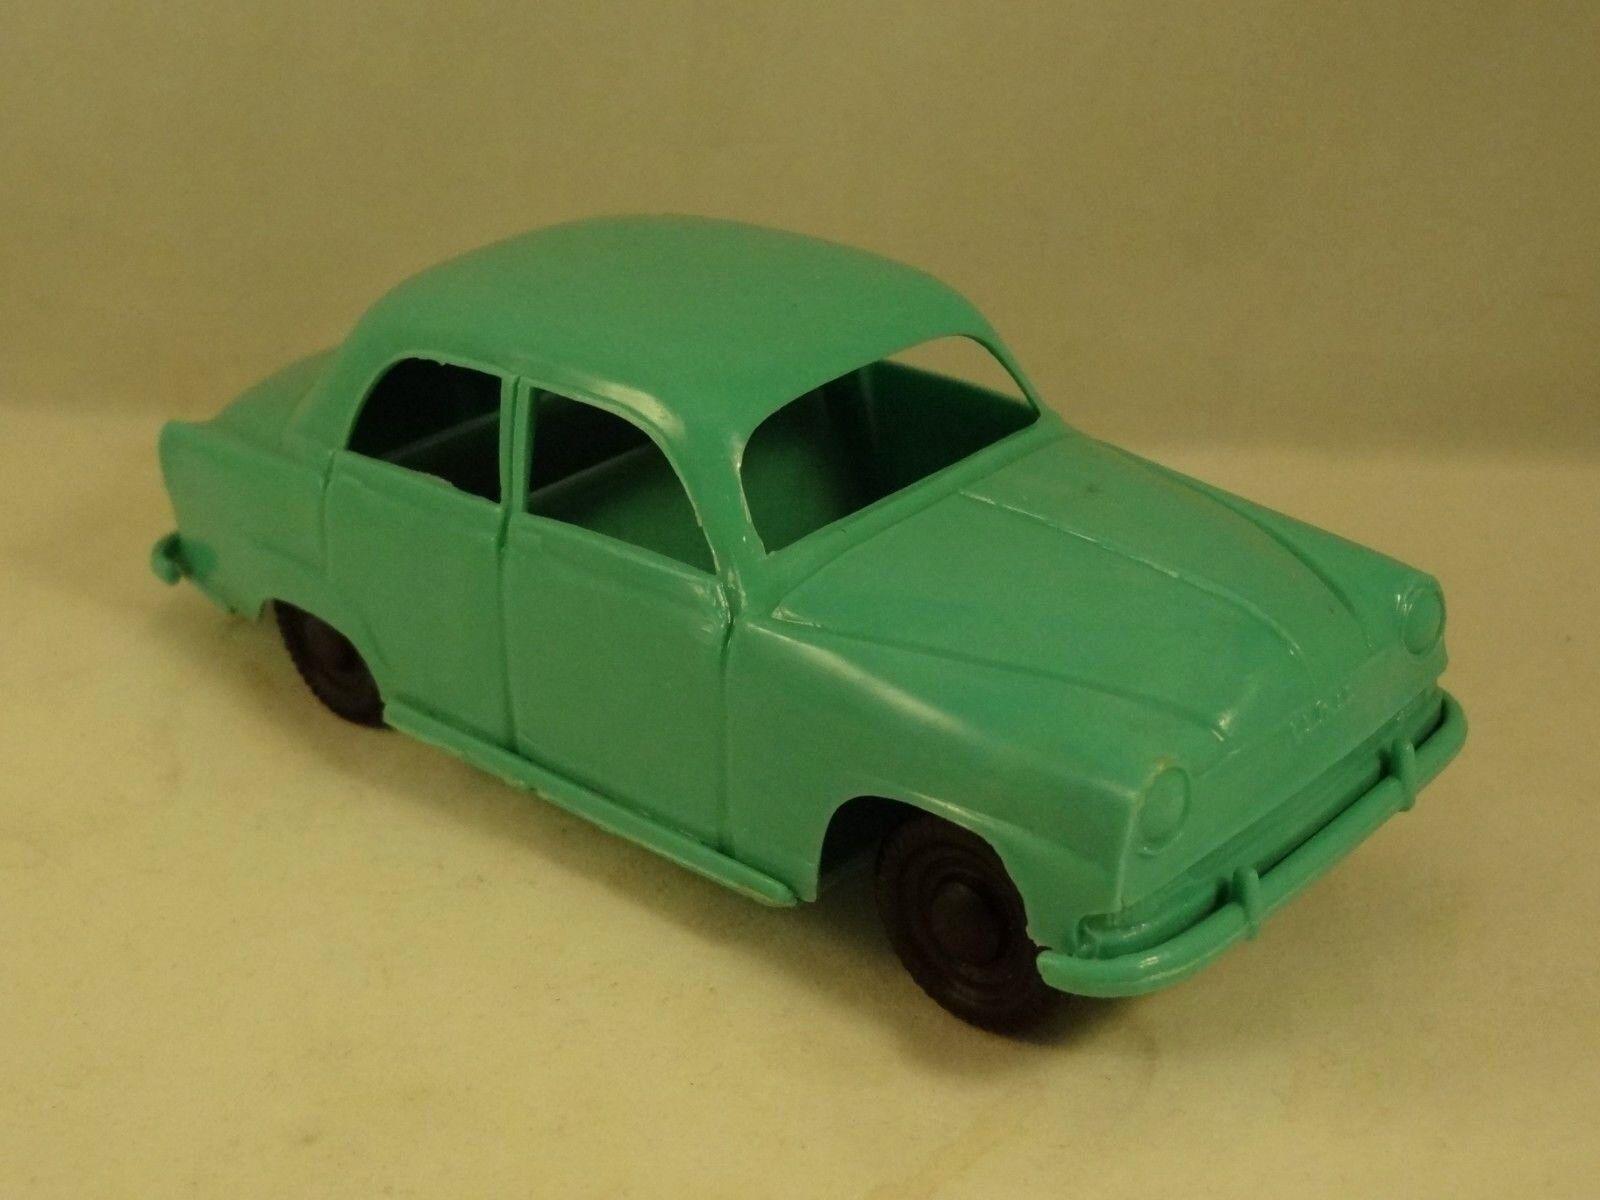 Ancien jouet voiture miniature Simca Aronde friction Création Clé n°7 L  13 cm